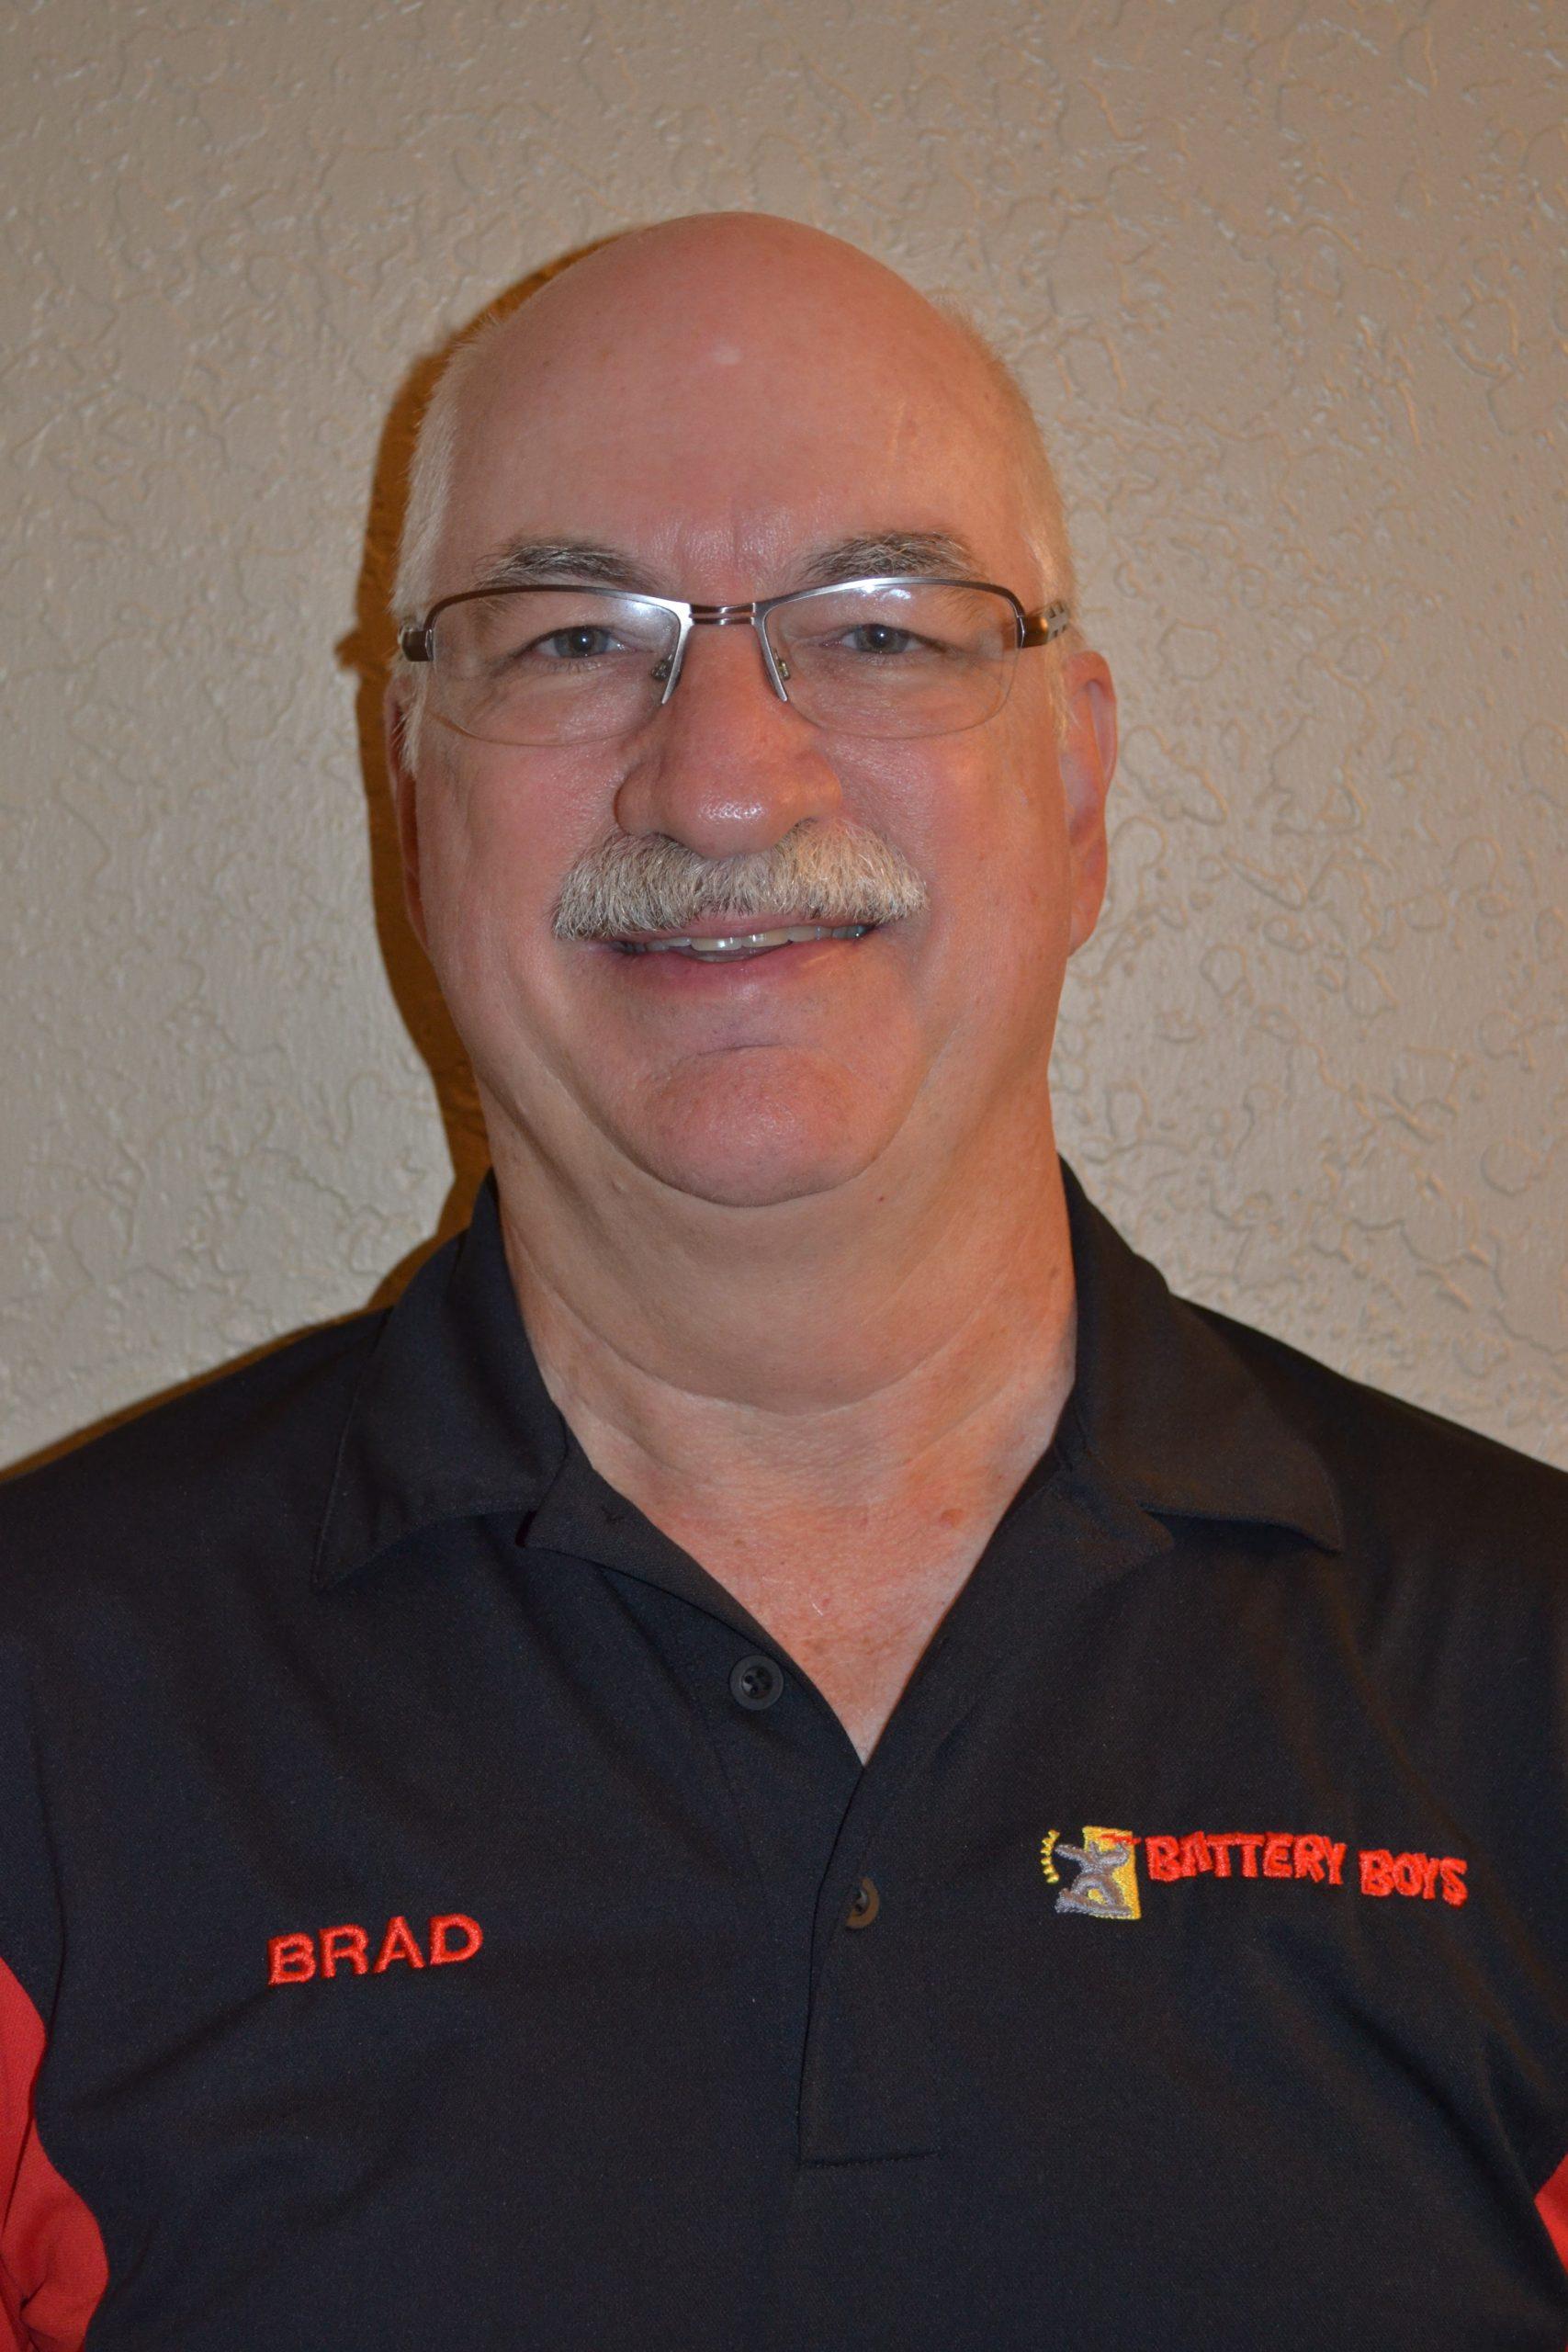 Brad Winkler